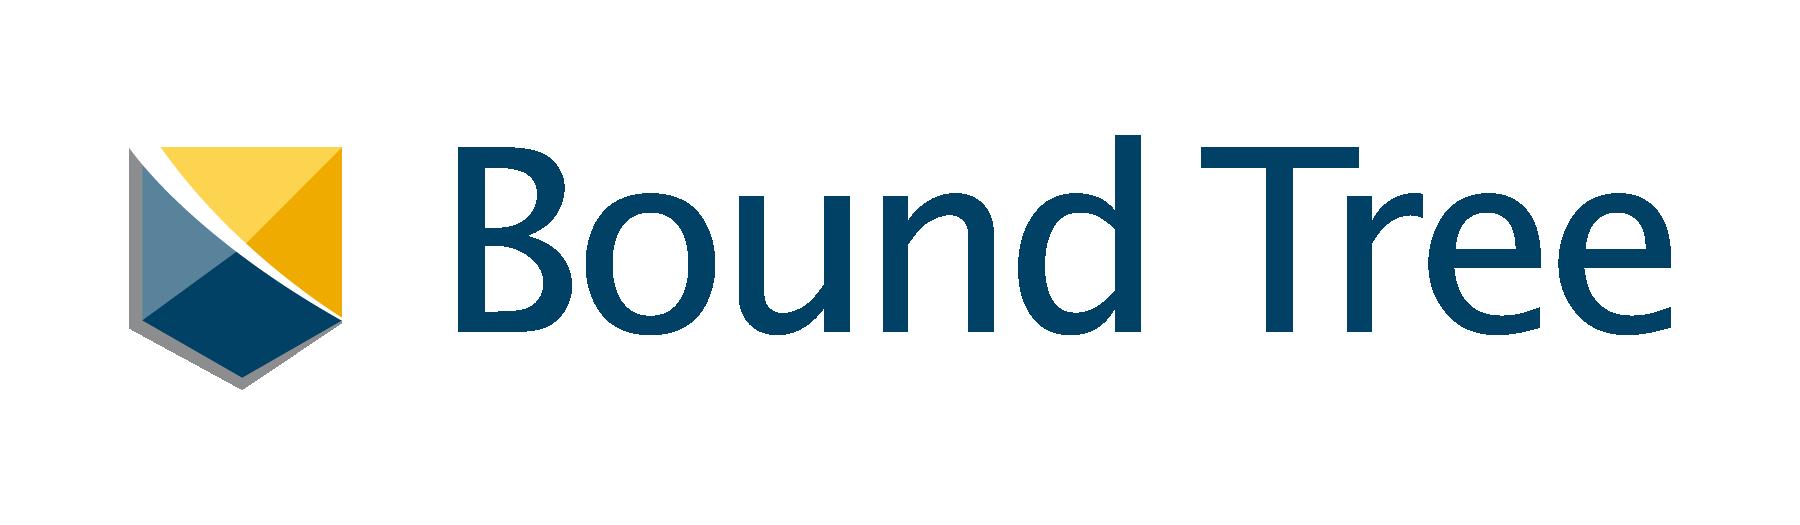 boundtree